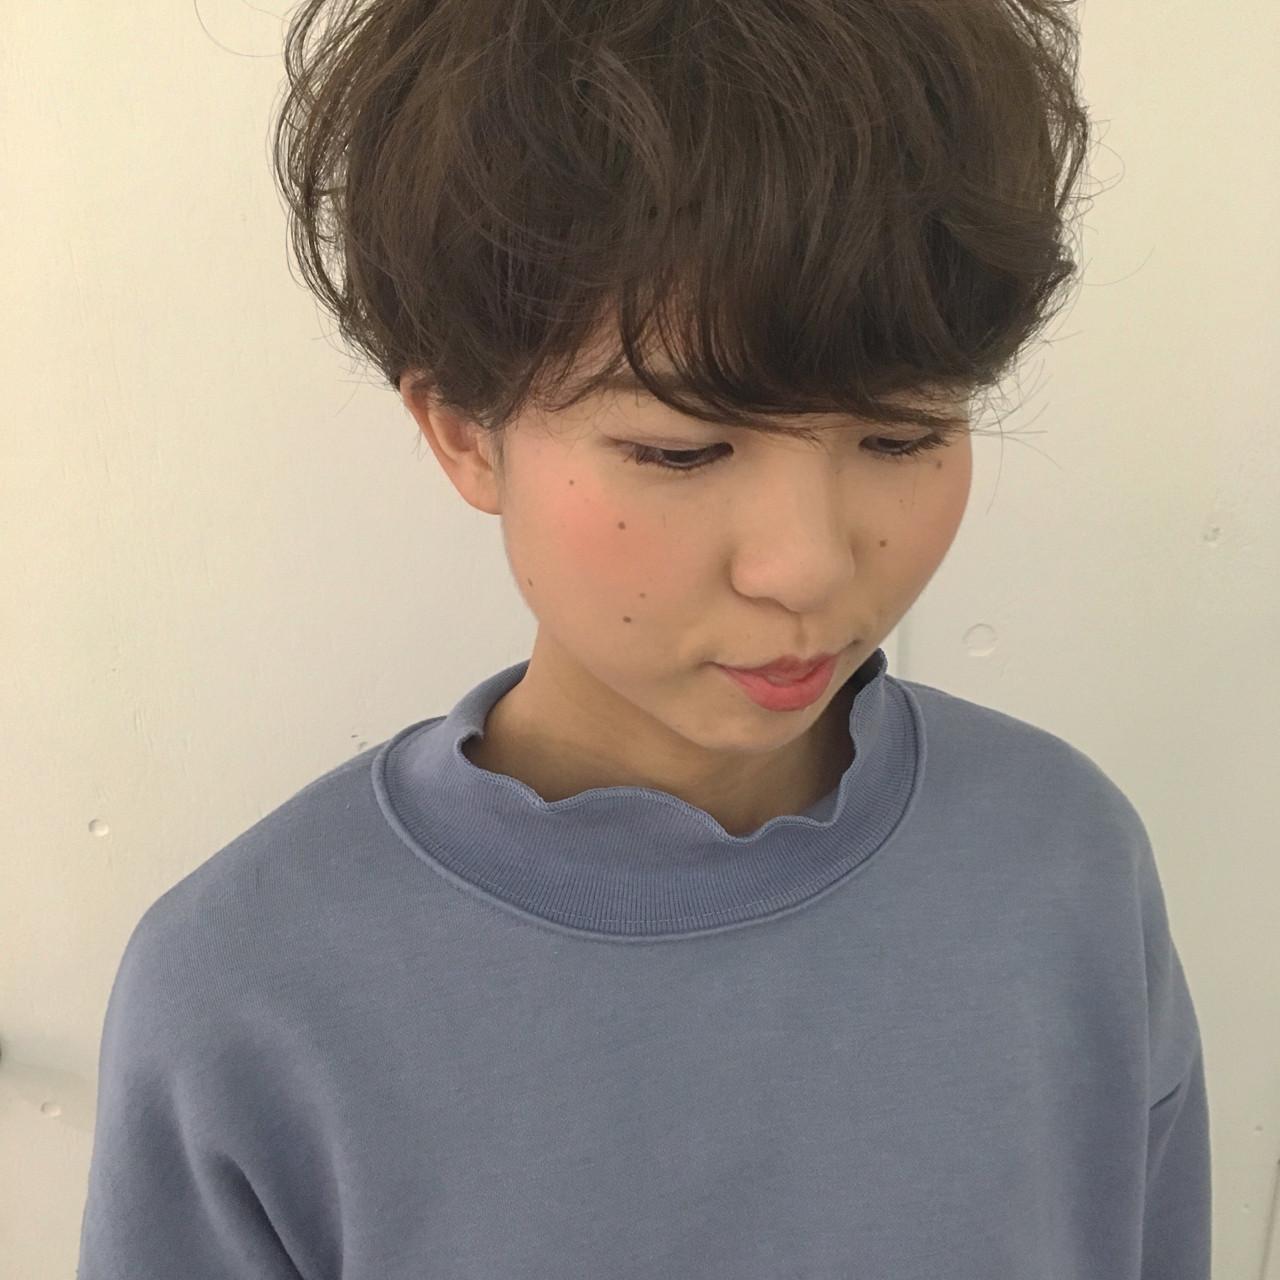 ガーリー マッシュ くせ毛風 ショート ヘアスタイルや髪型の写真・画像 | 杉本あさか asa / buzz北堀江